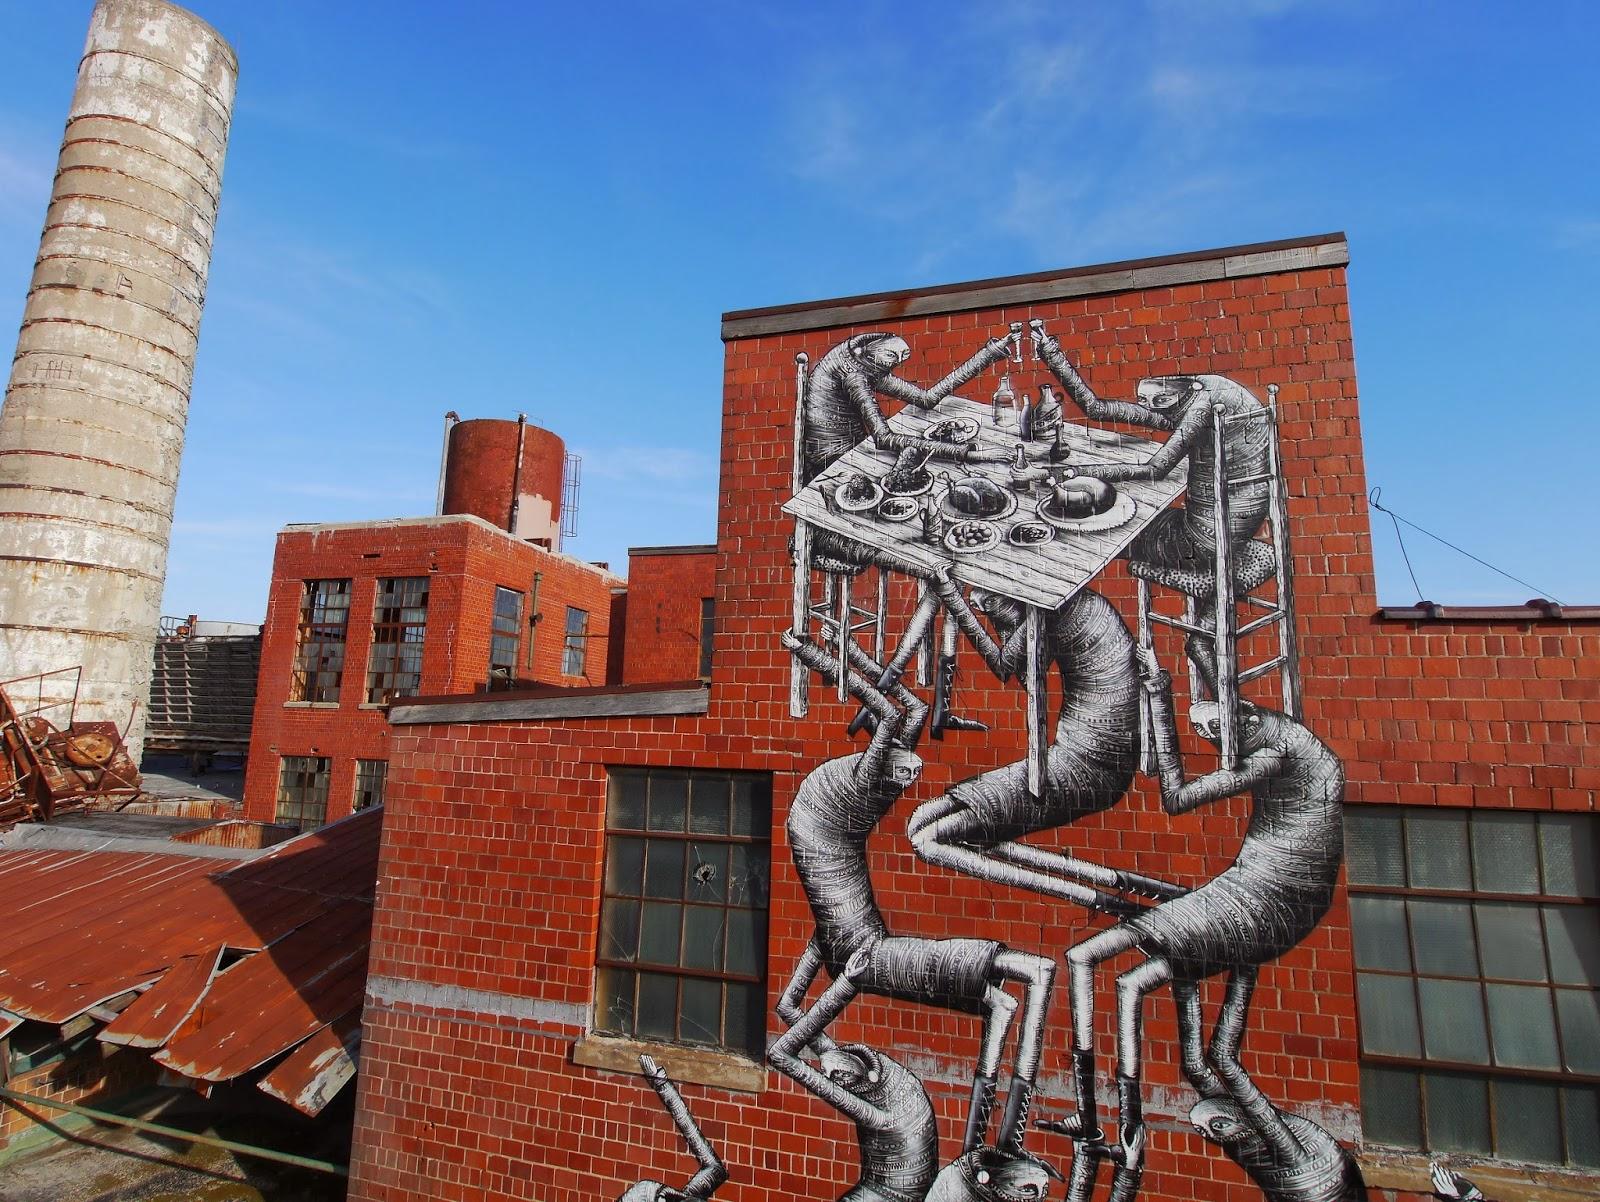 phlegm-new-mural-prhbtn-festival-04